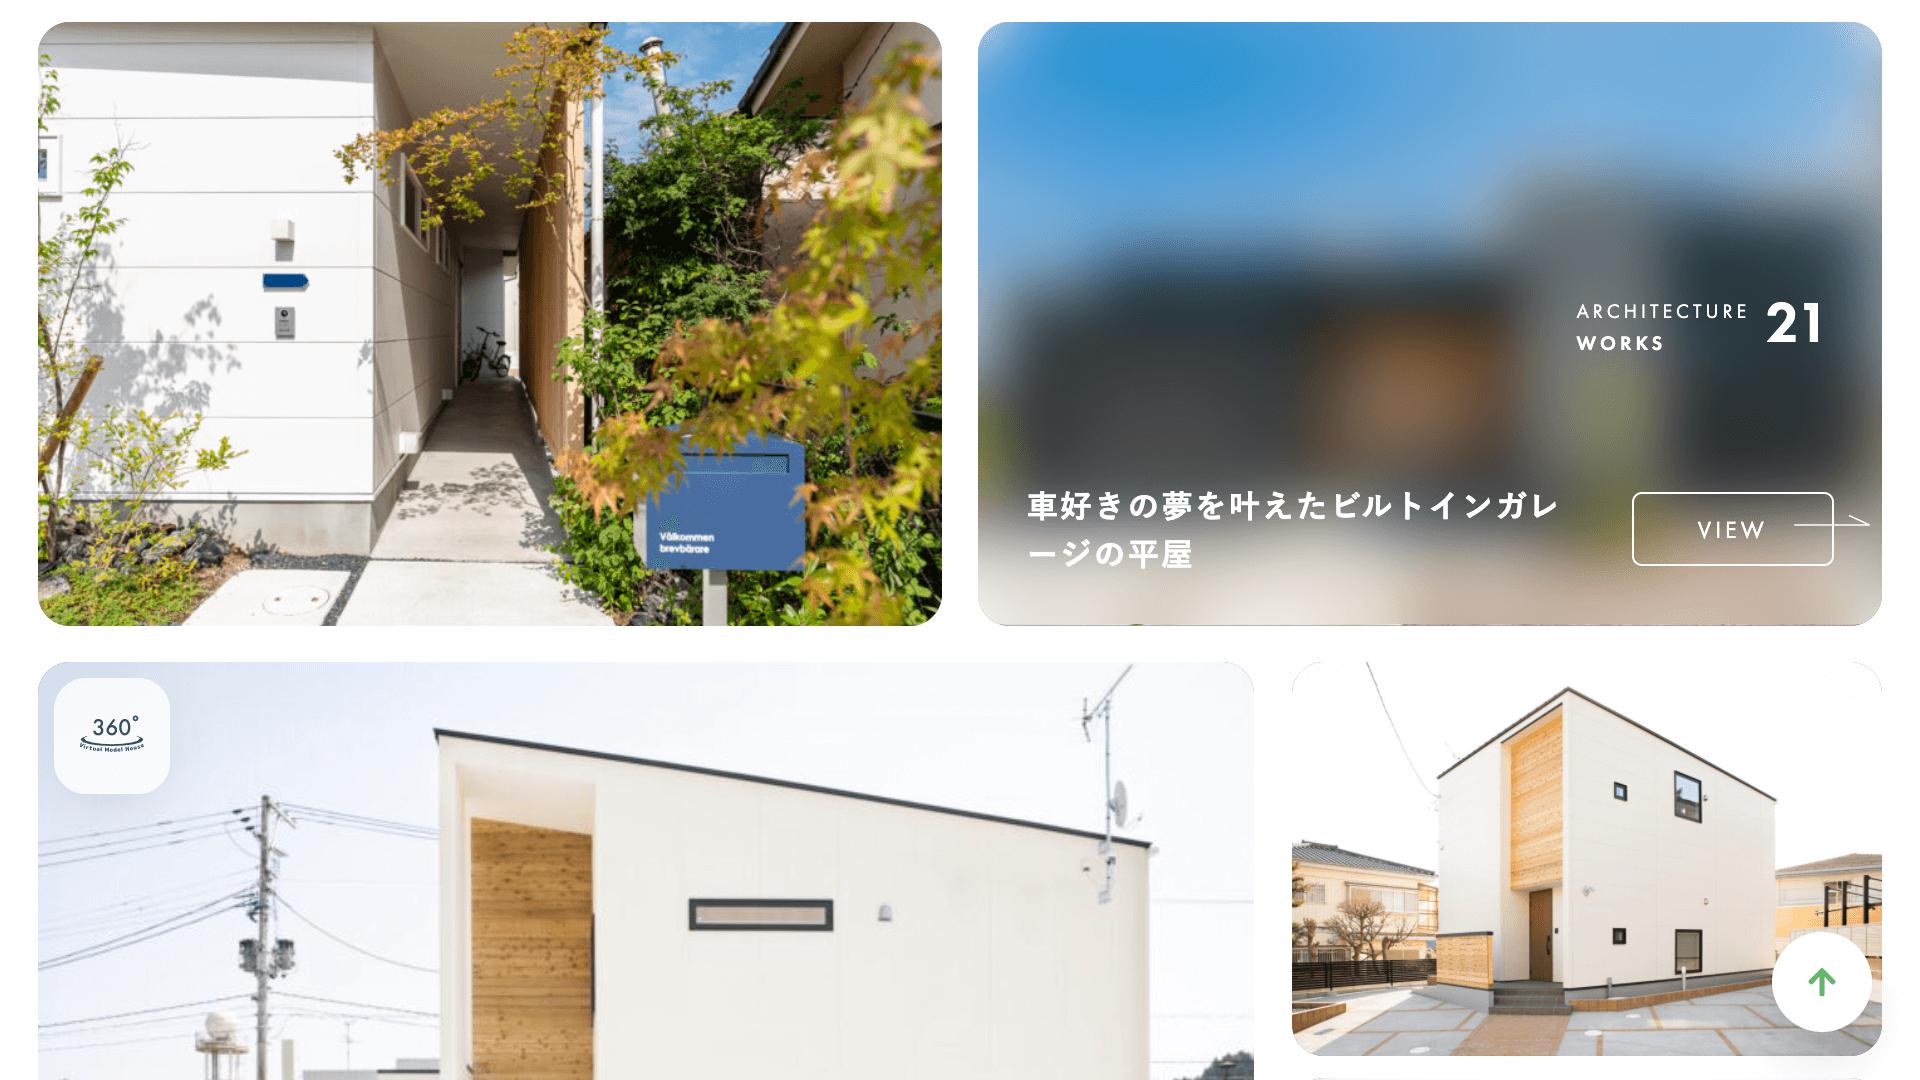 渡辺組 デザイン住宅事業サイト – ホームページ制作/ウェブデザイン実績